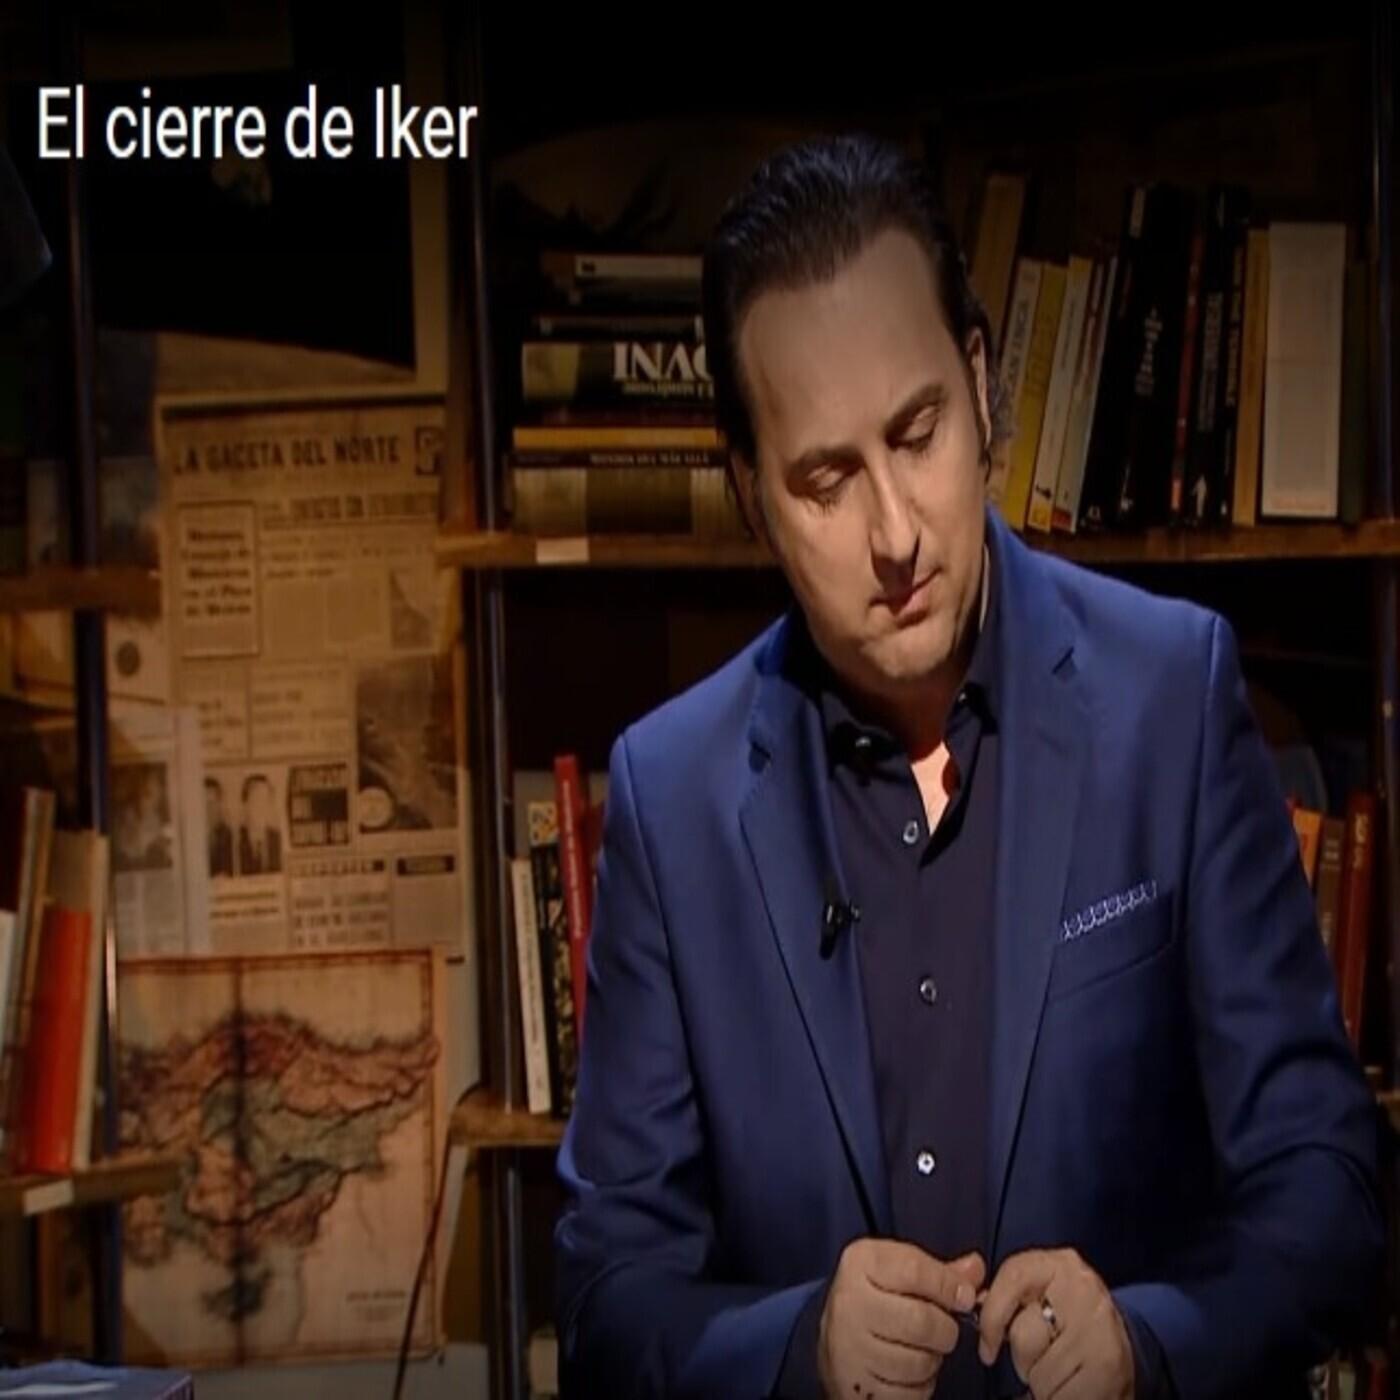 El cierre de Iker: Me dan arcadas al pensarlo